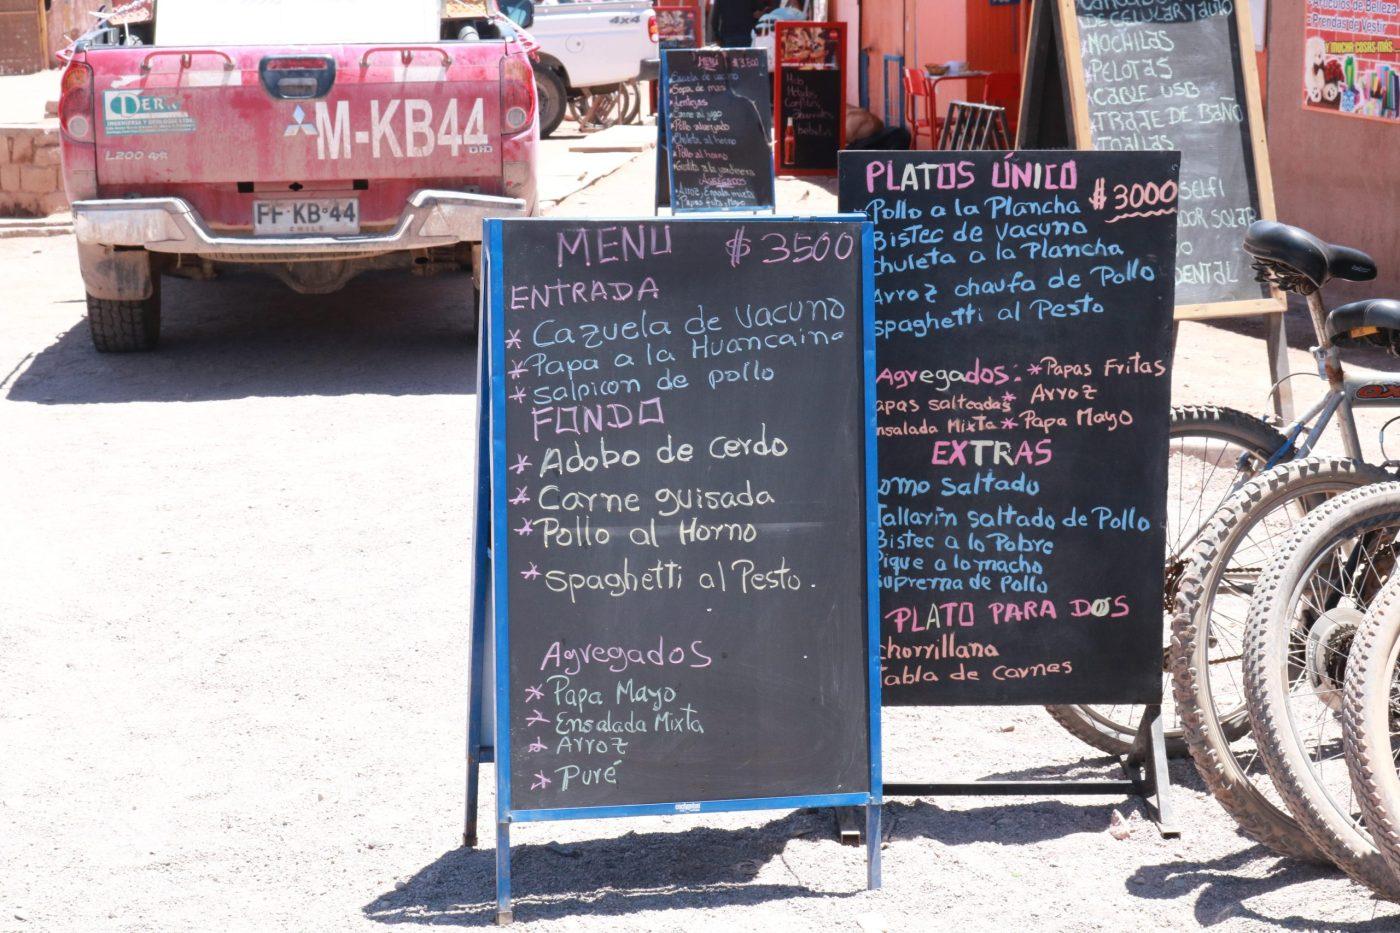 Deserto do Atacama: Guia de viagem completo com 17 dicas - Trip Partiu